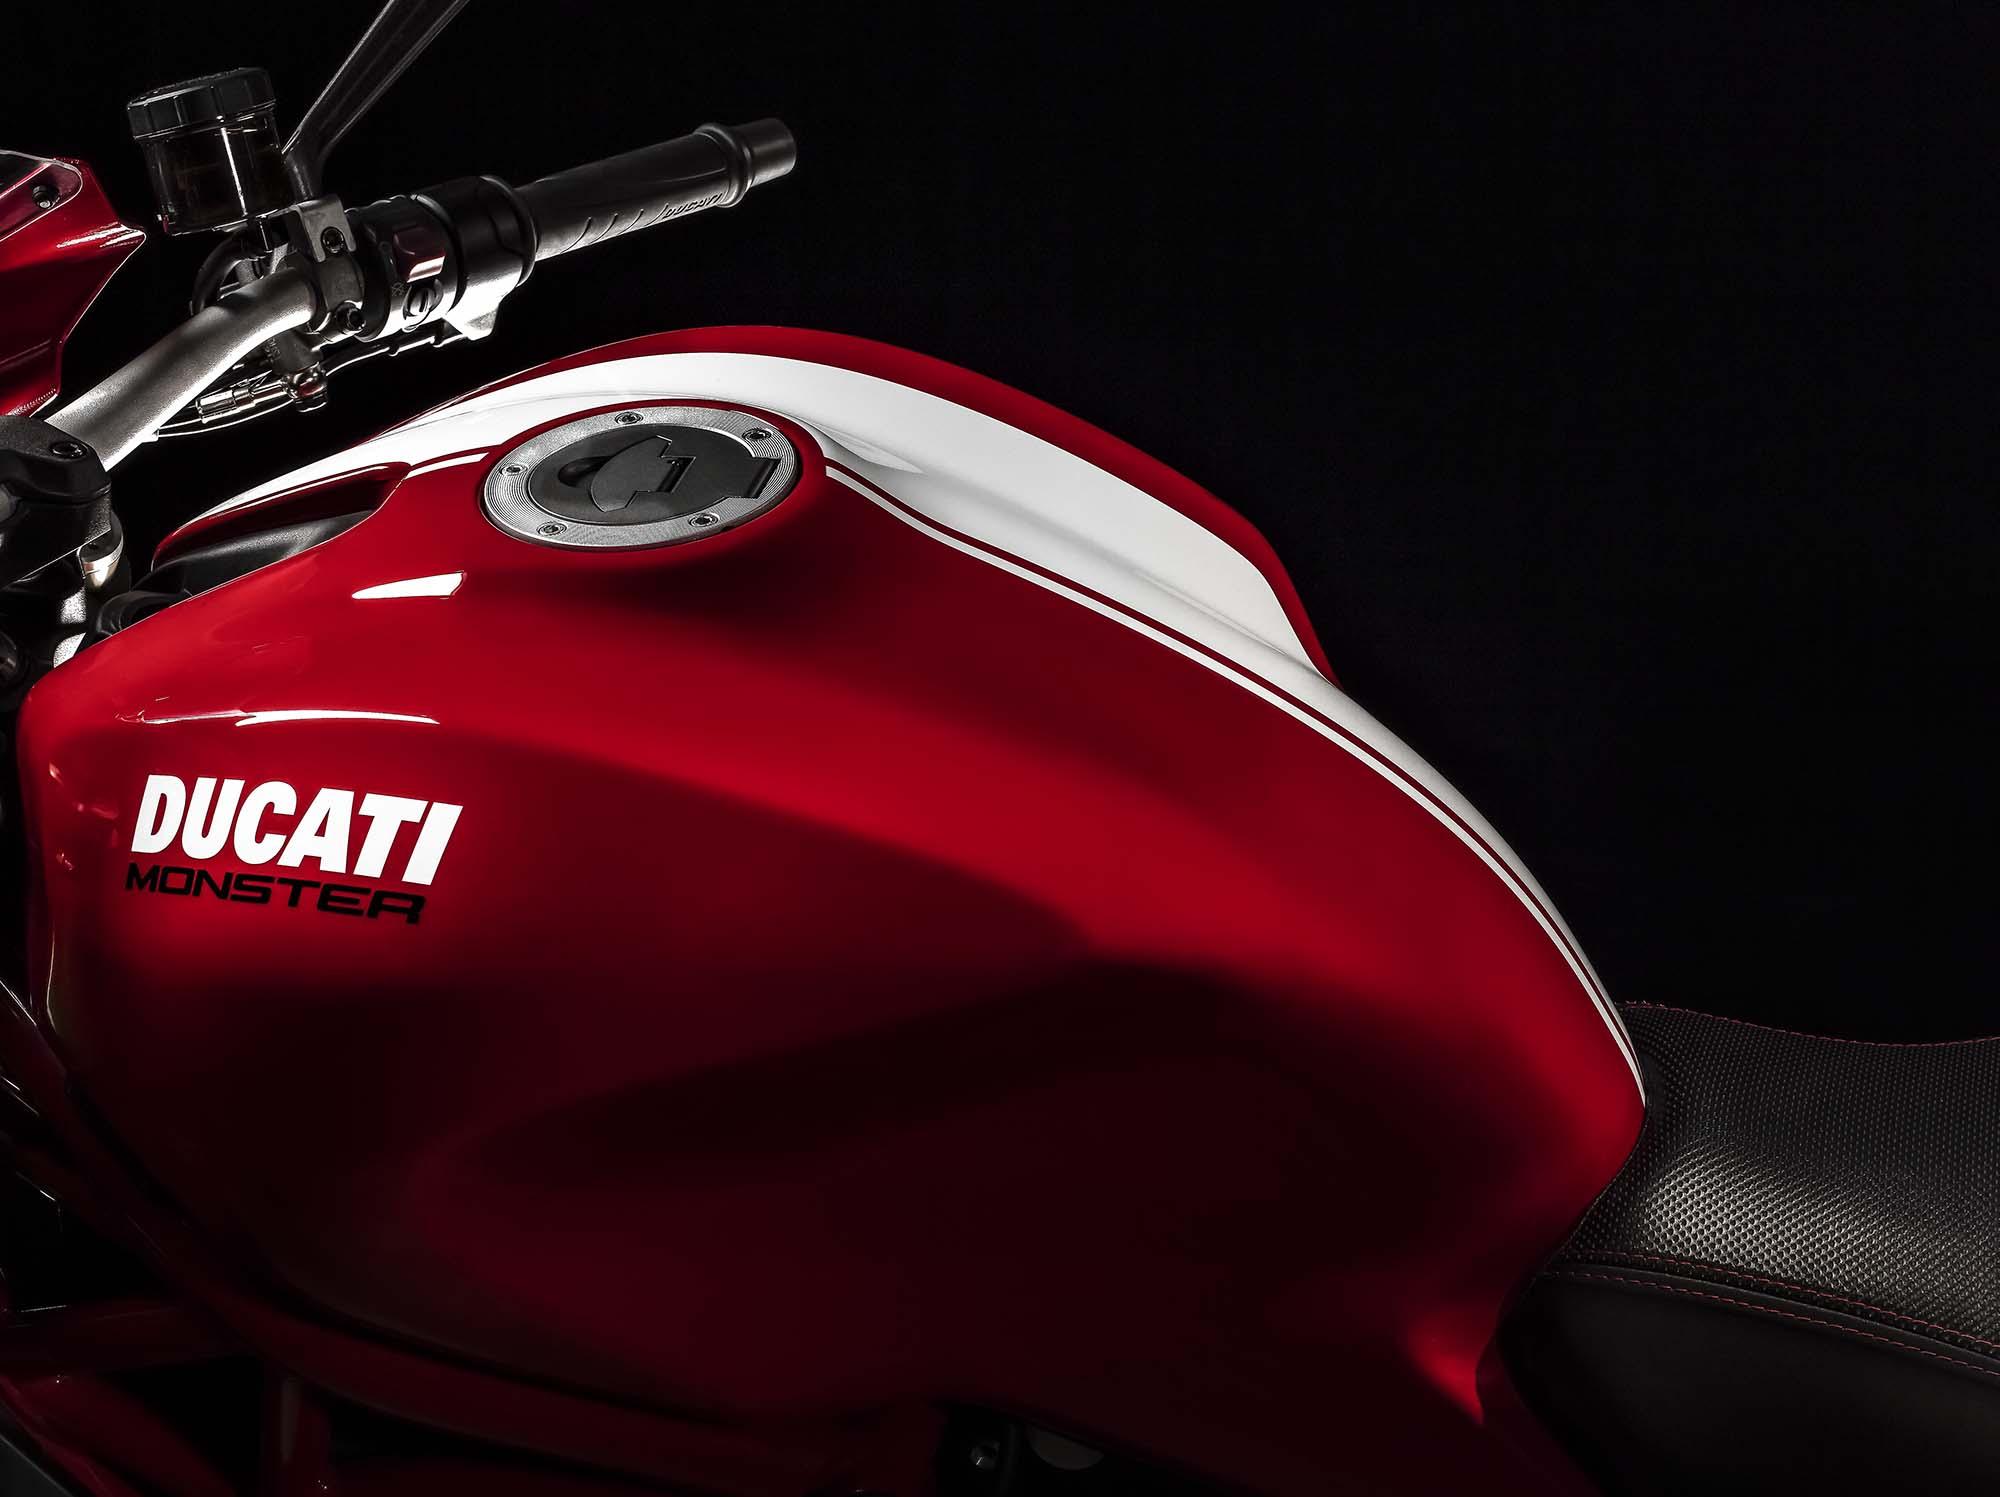 2015-ducati-monster-1200-s